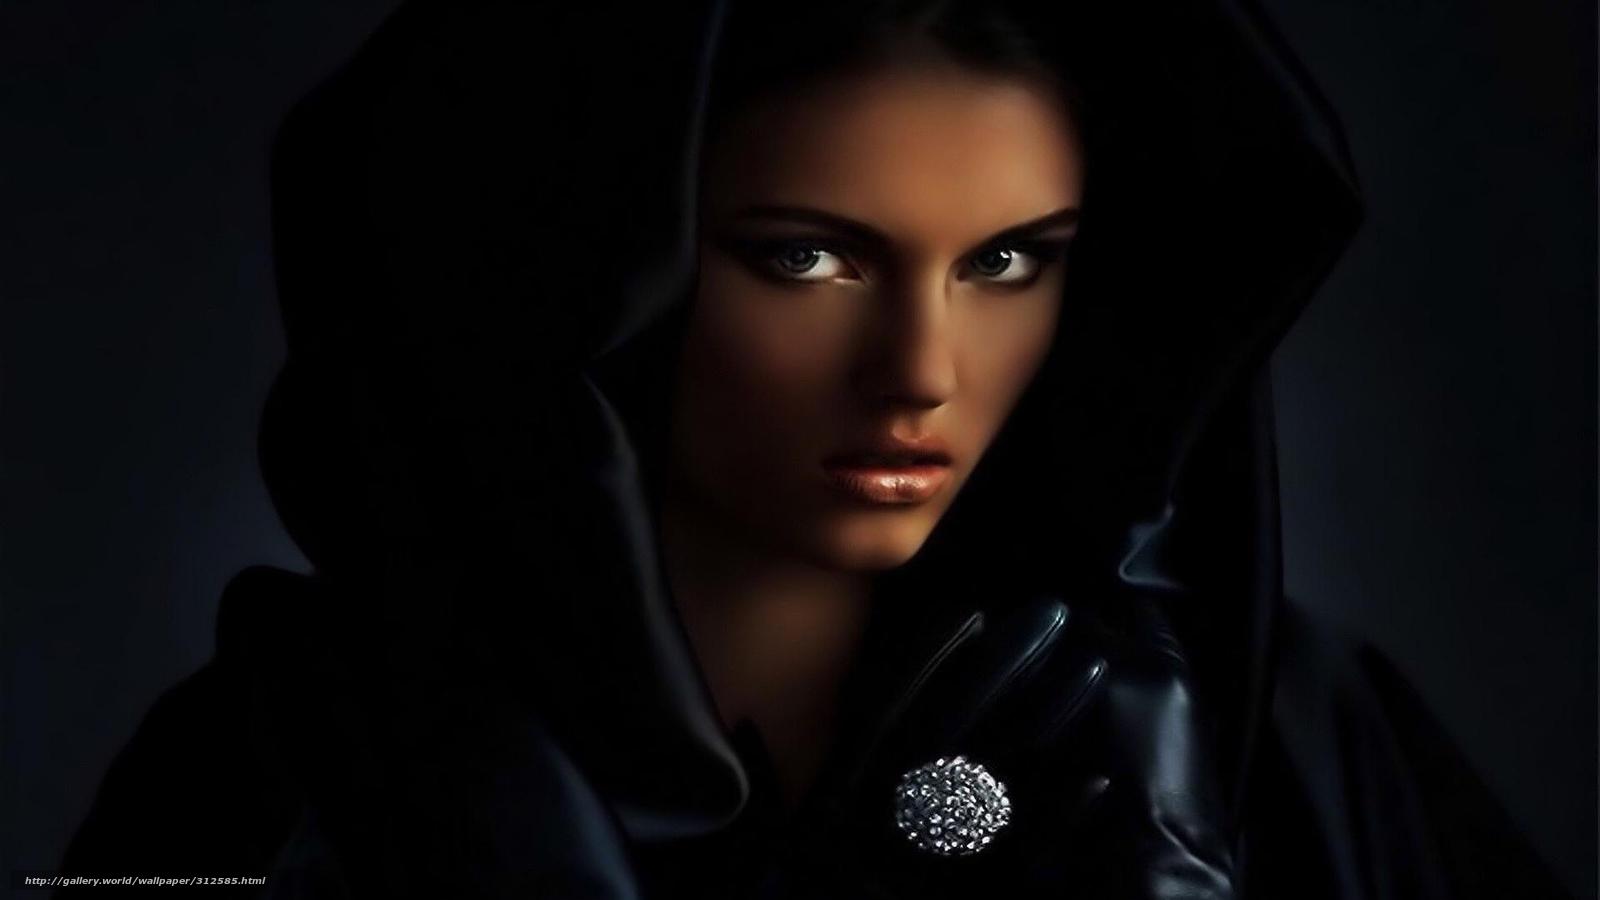 Девушка в черном капюшоне фото